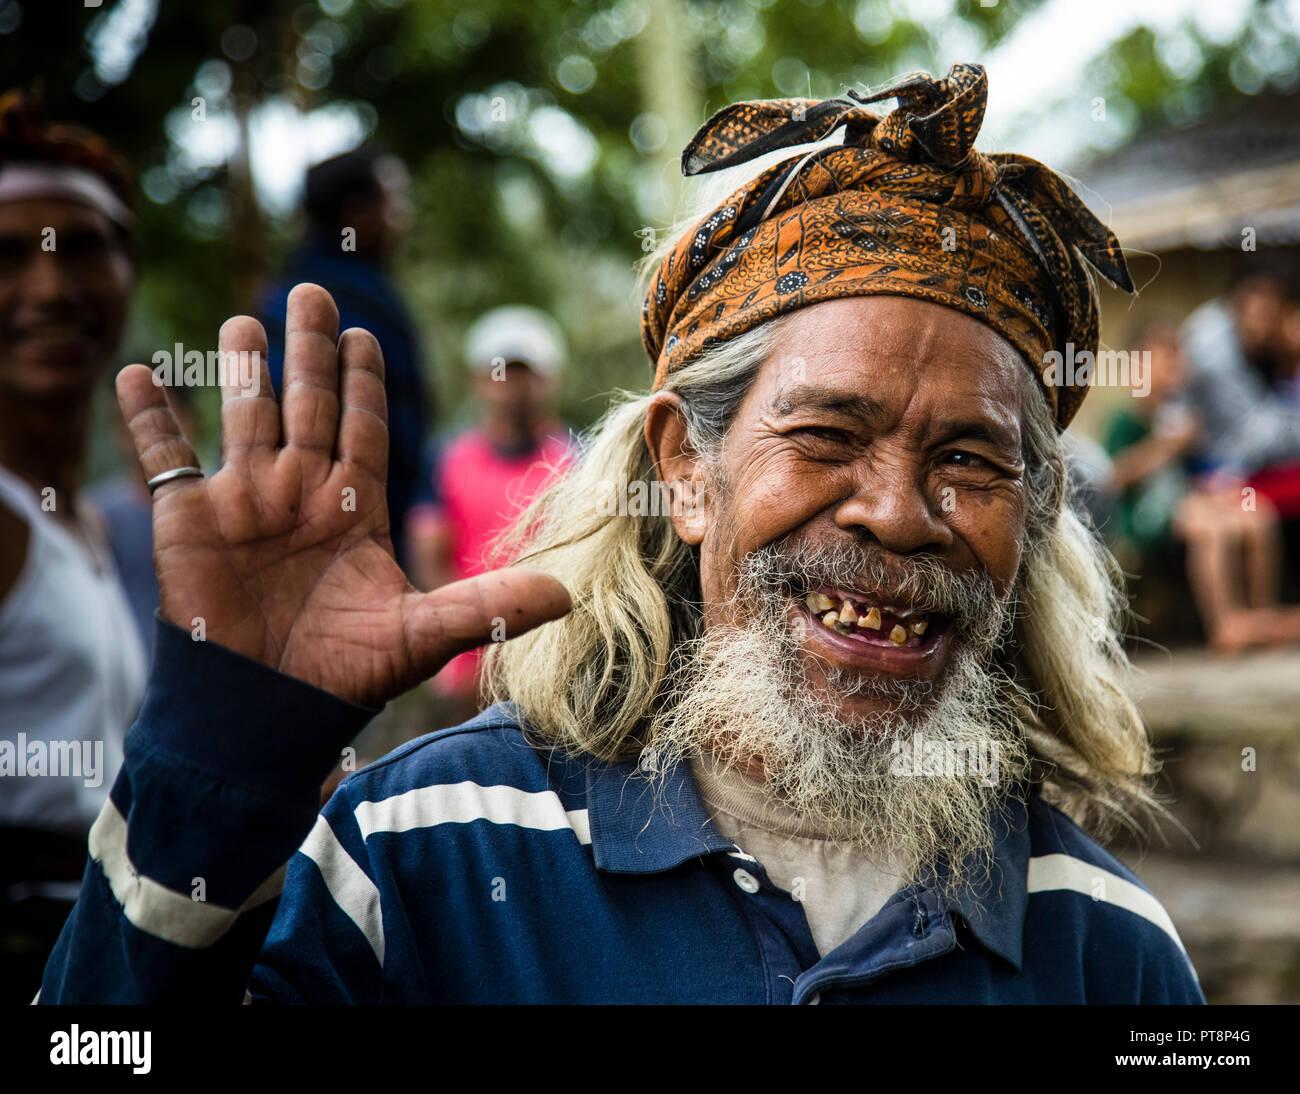 Échange humoristique entre les cultures, Îles Sunda, Indonésie Banque D'Images